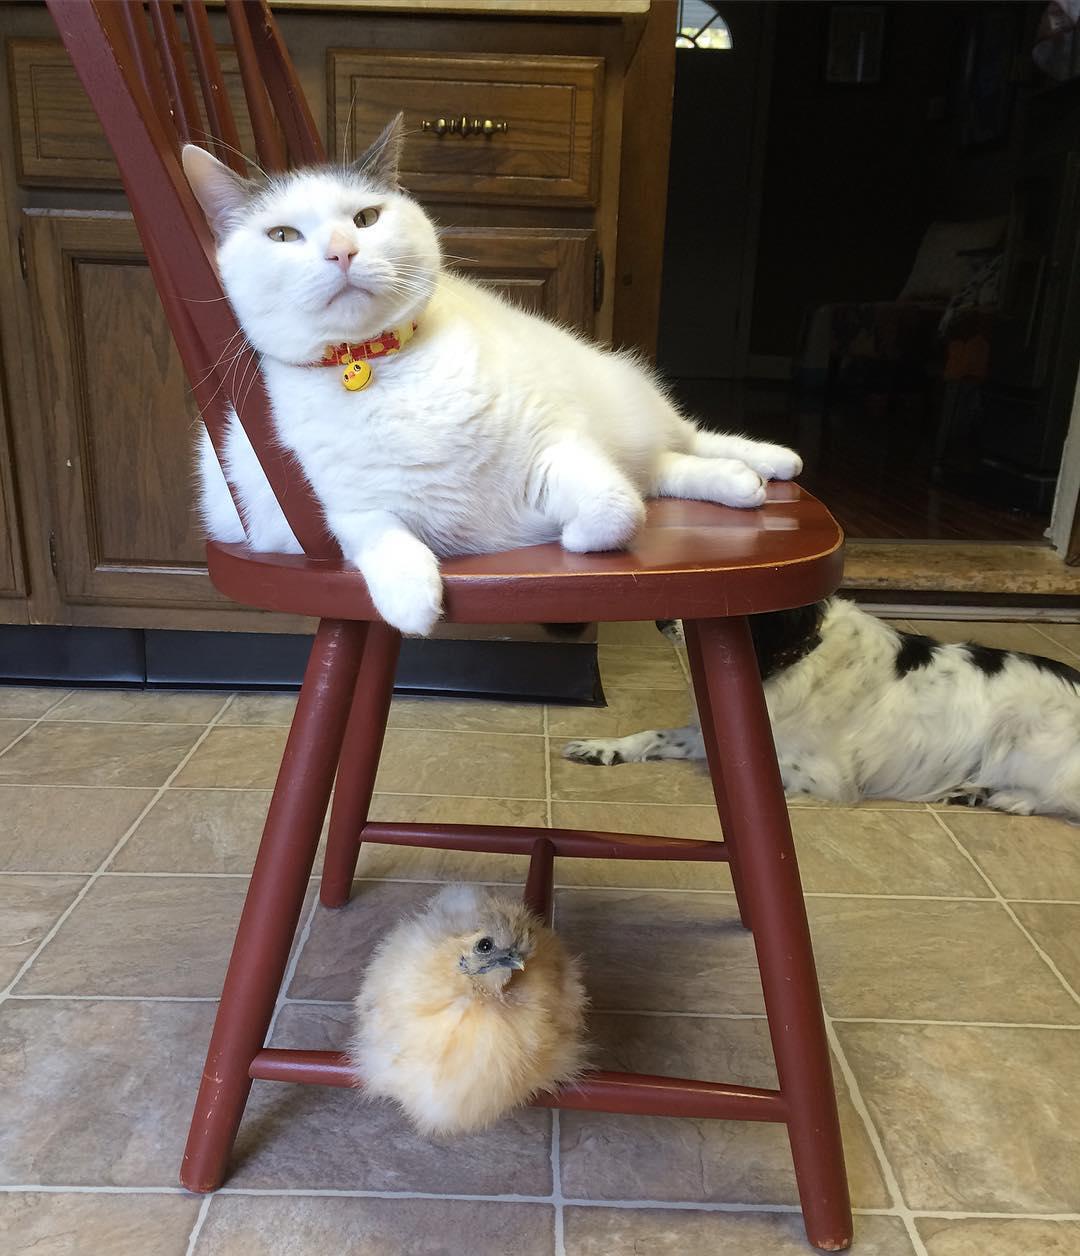 鸡界大明星!这只「胖猫皇」有着一群死忠粉丝,超专业粉丝服务每天变换「不同慵懒英姿」提供观赏! (14张) -21433400_508063319538633_1185089190451216384_n